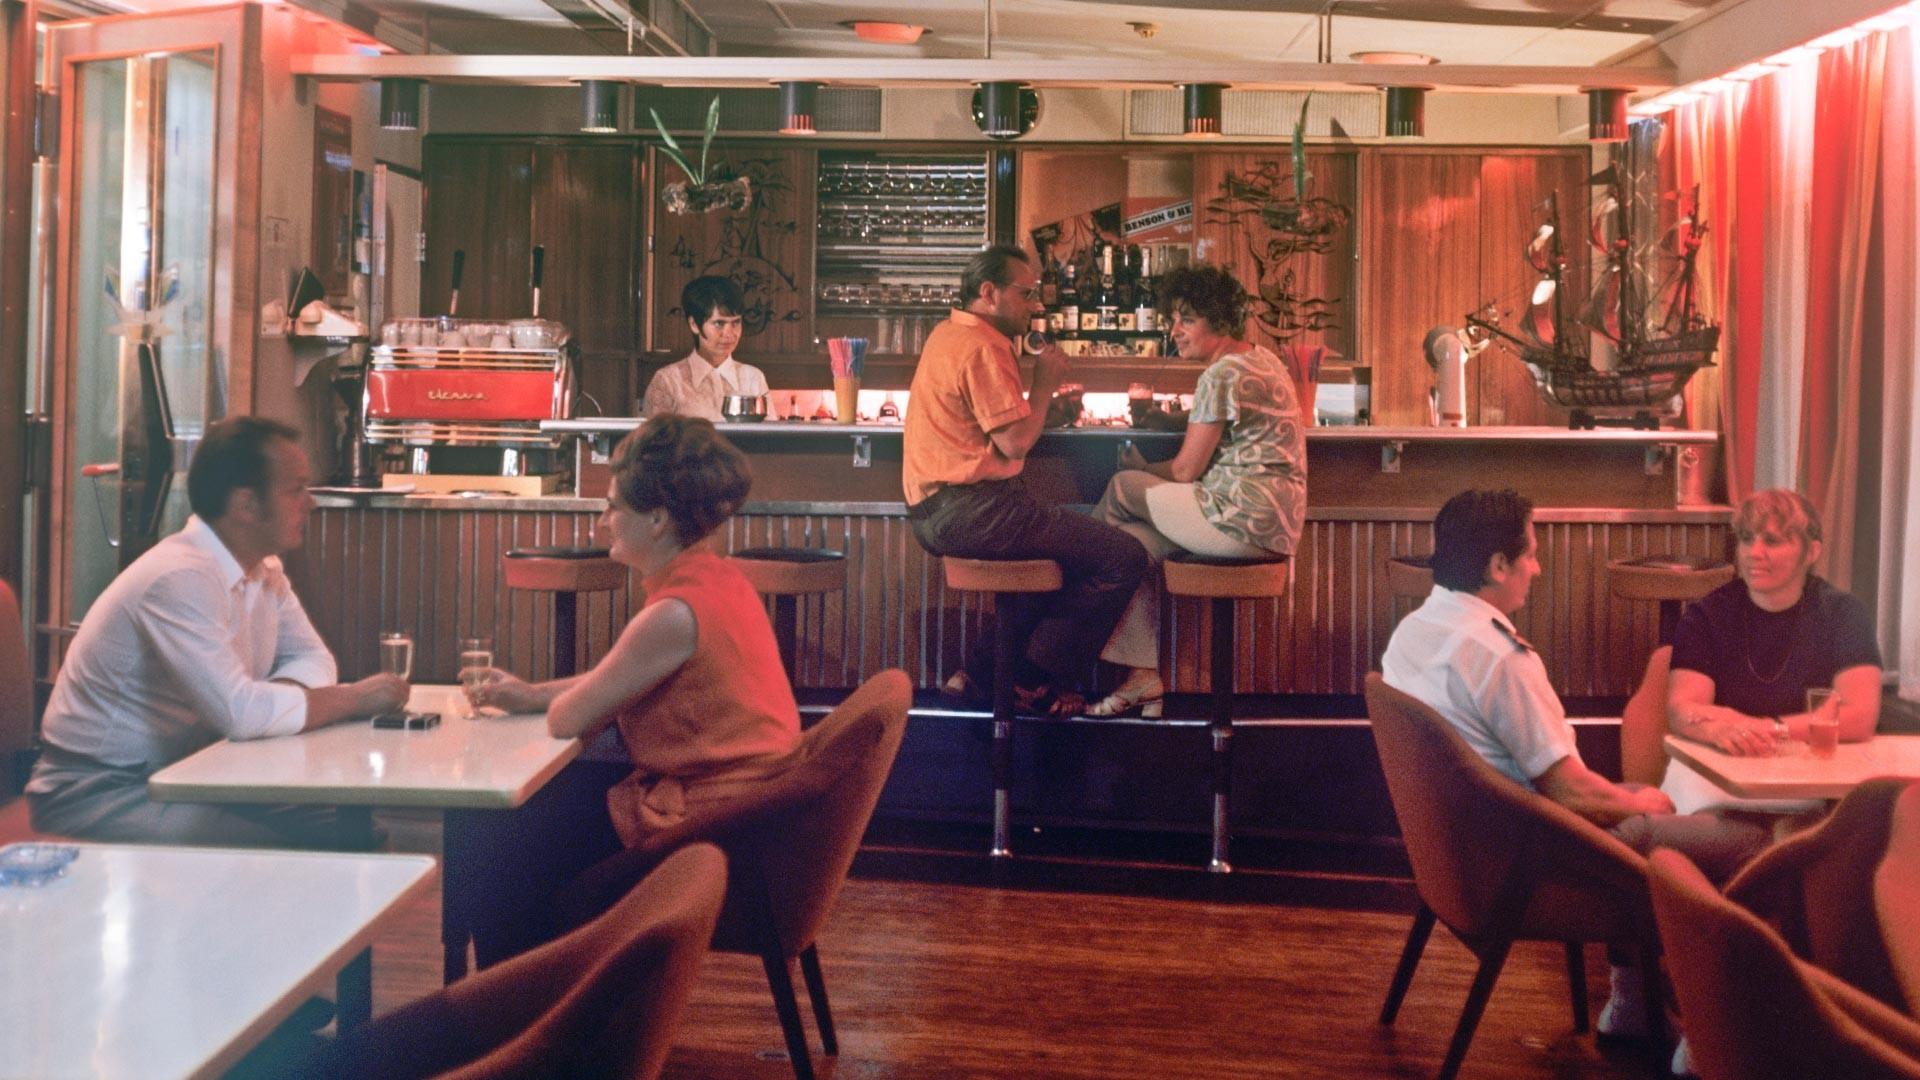 """Ciudadanos soviéticos beben cócteles en un bar """"Yakor"""" (""""Ancla"""") ubicado en un barco."""